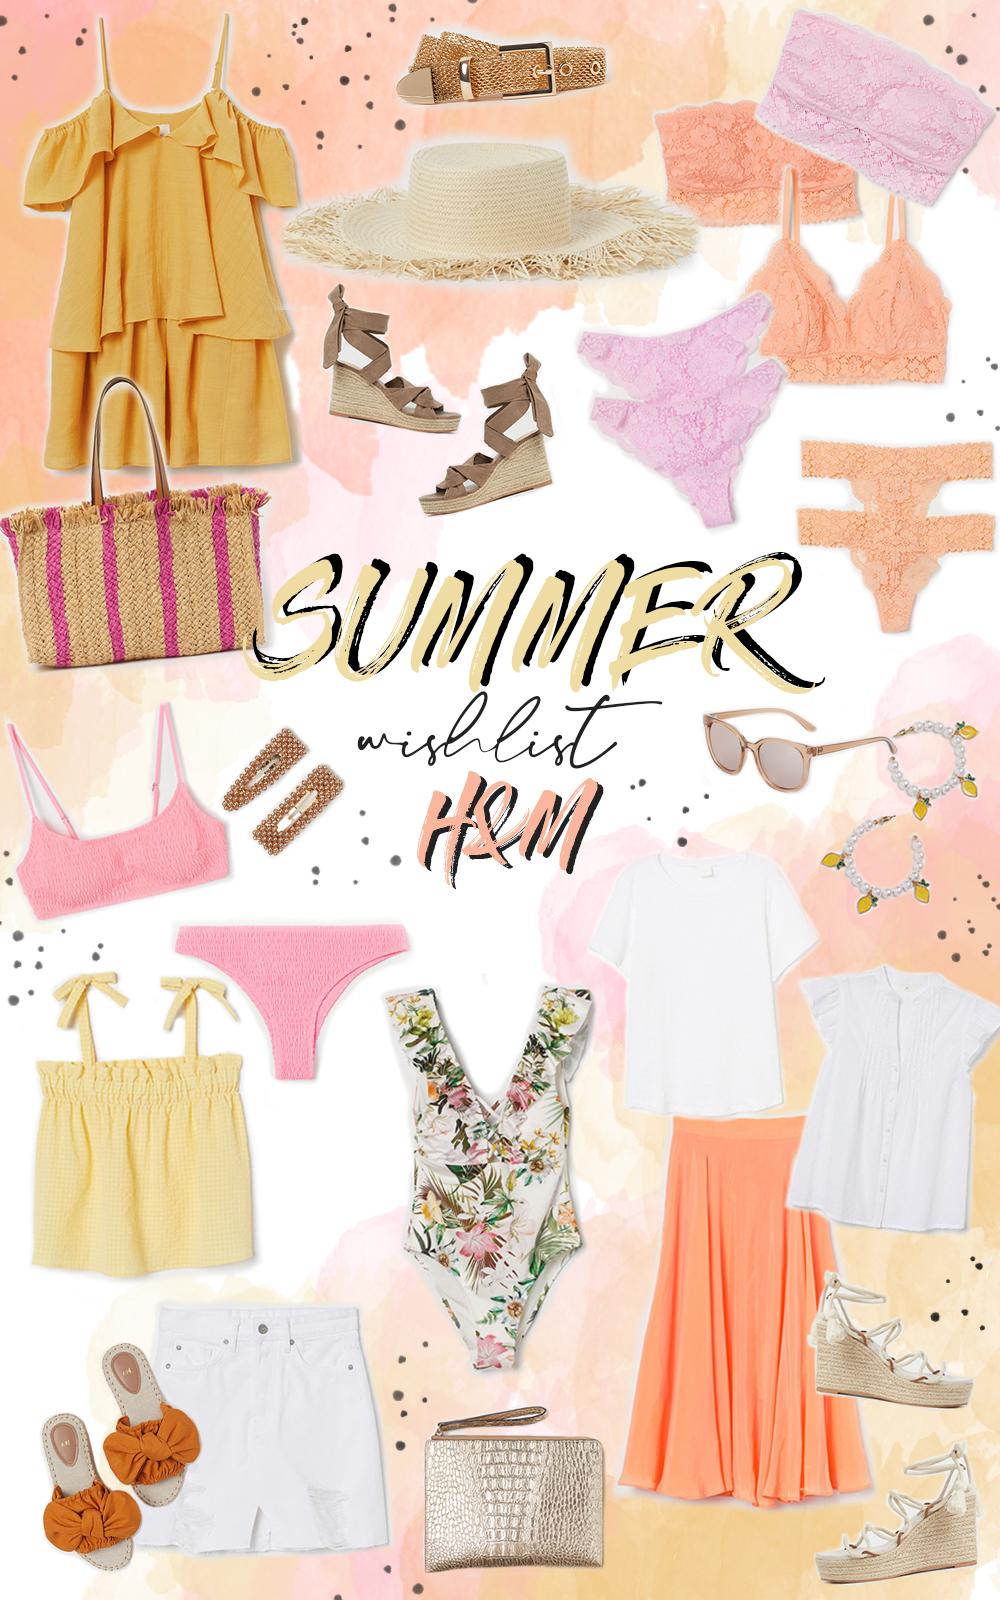 wishlist été summer h&m